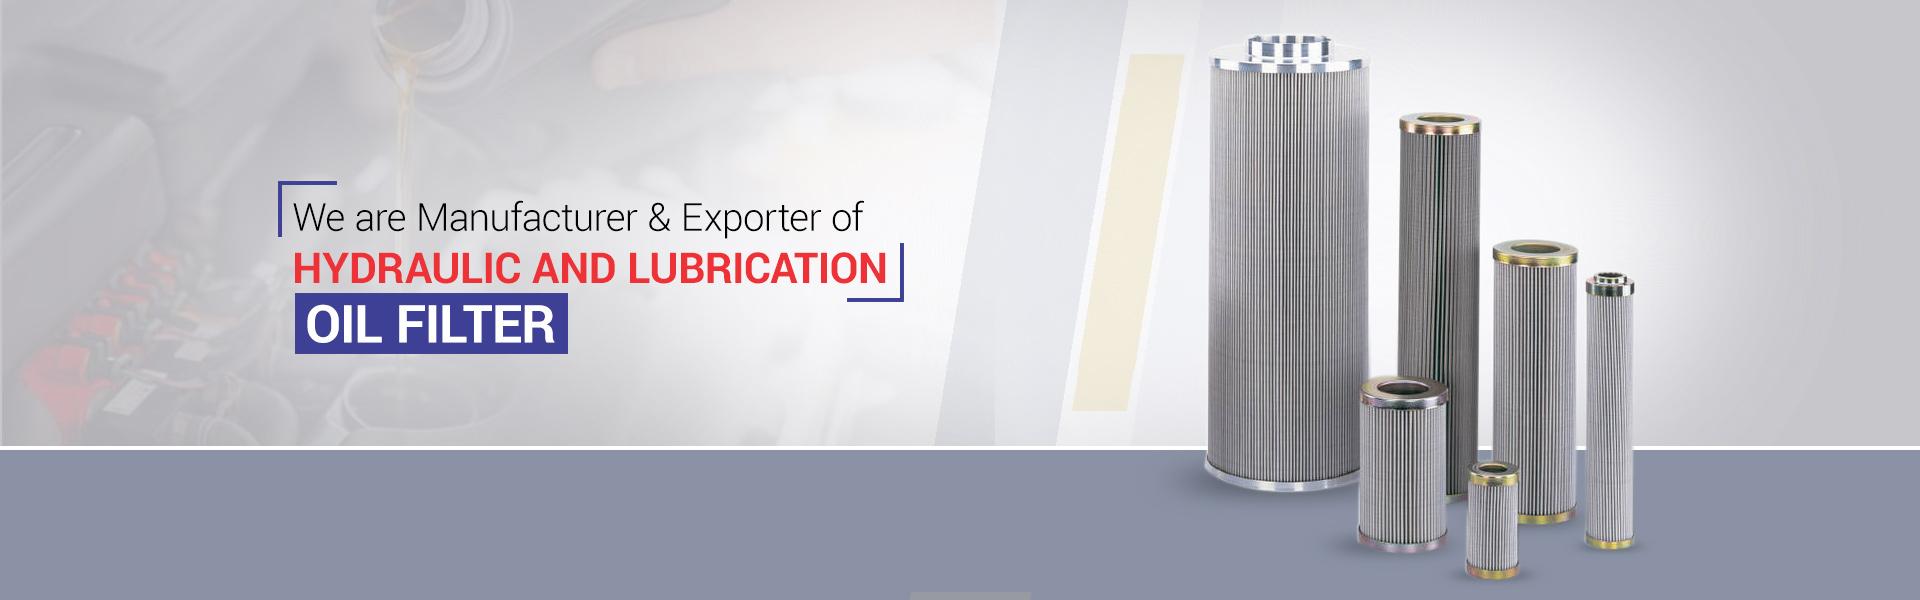 oil filtration system manufacturer